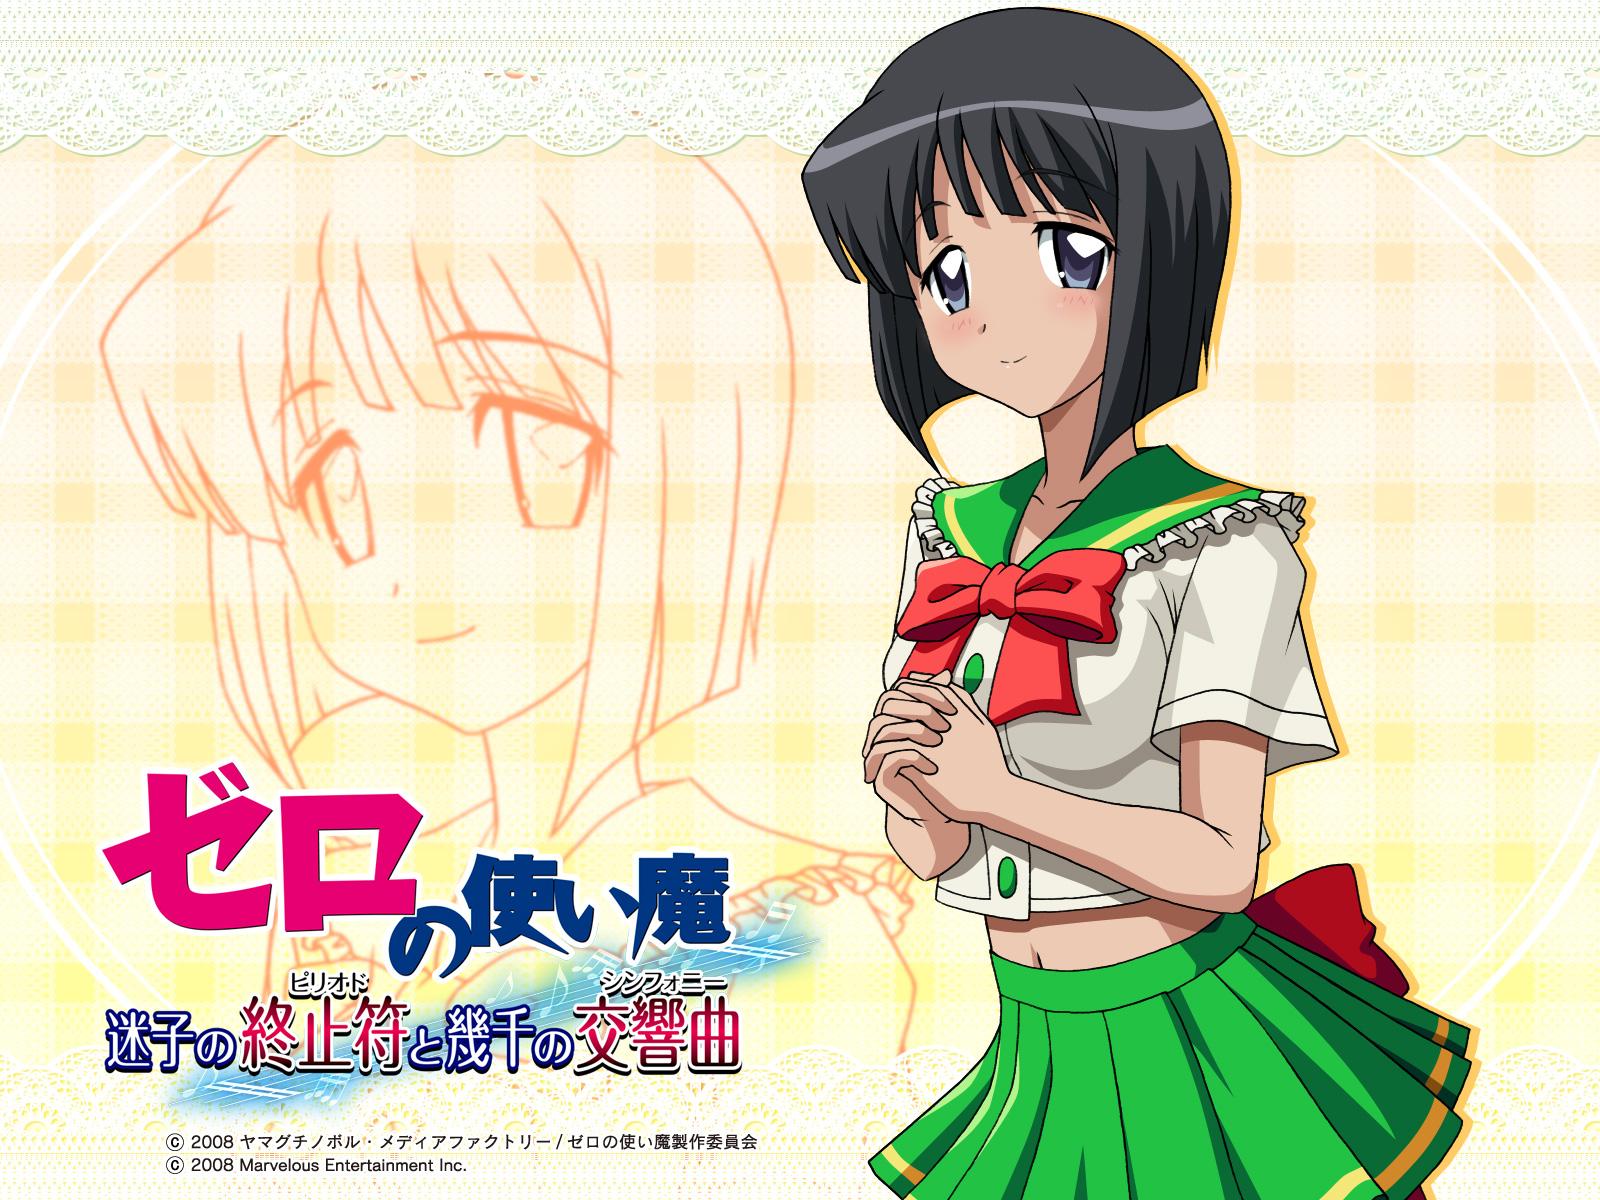 Siesta - Zero no Tsukaima - Zerochan Anime Image Board